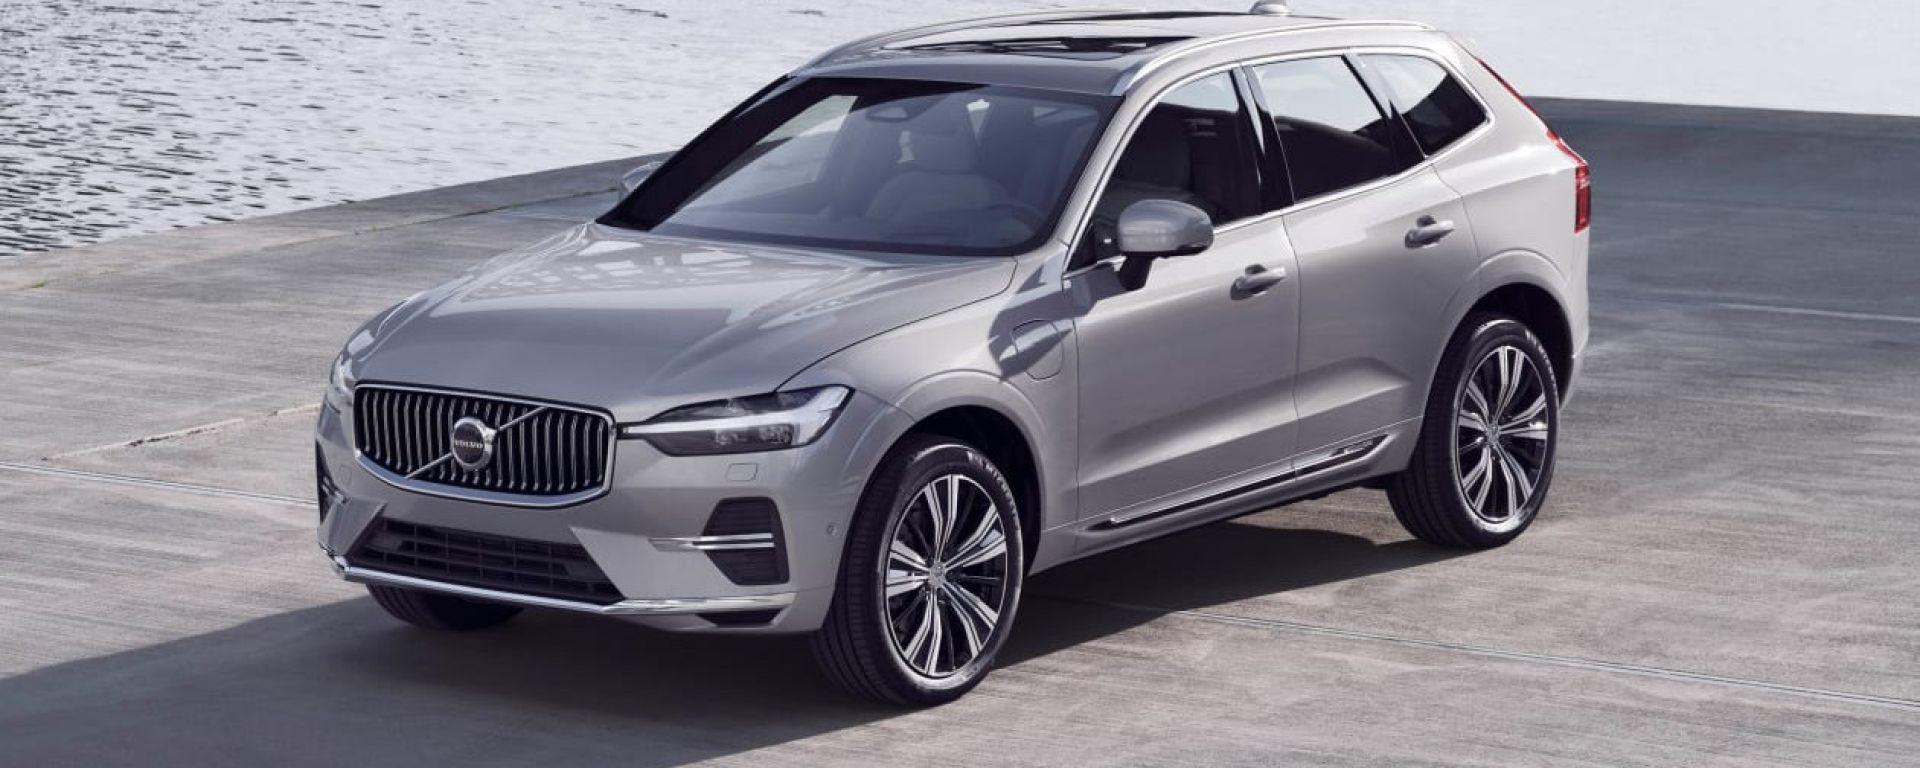 Nuova Volvo XC60 2021: facelift e novità tecnologiche